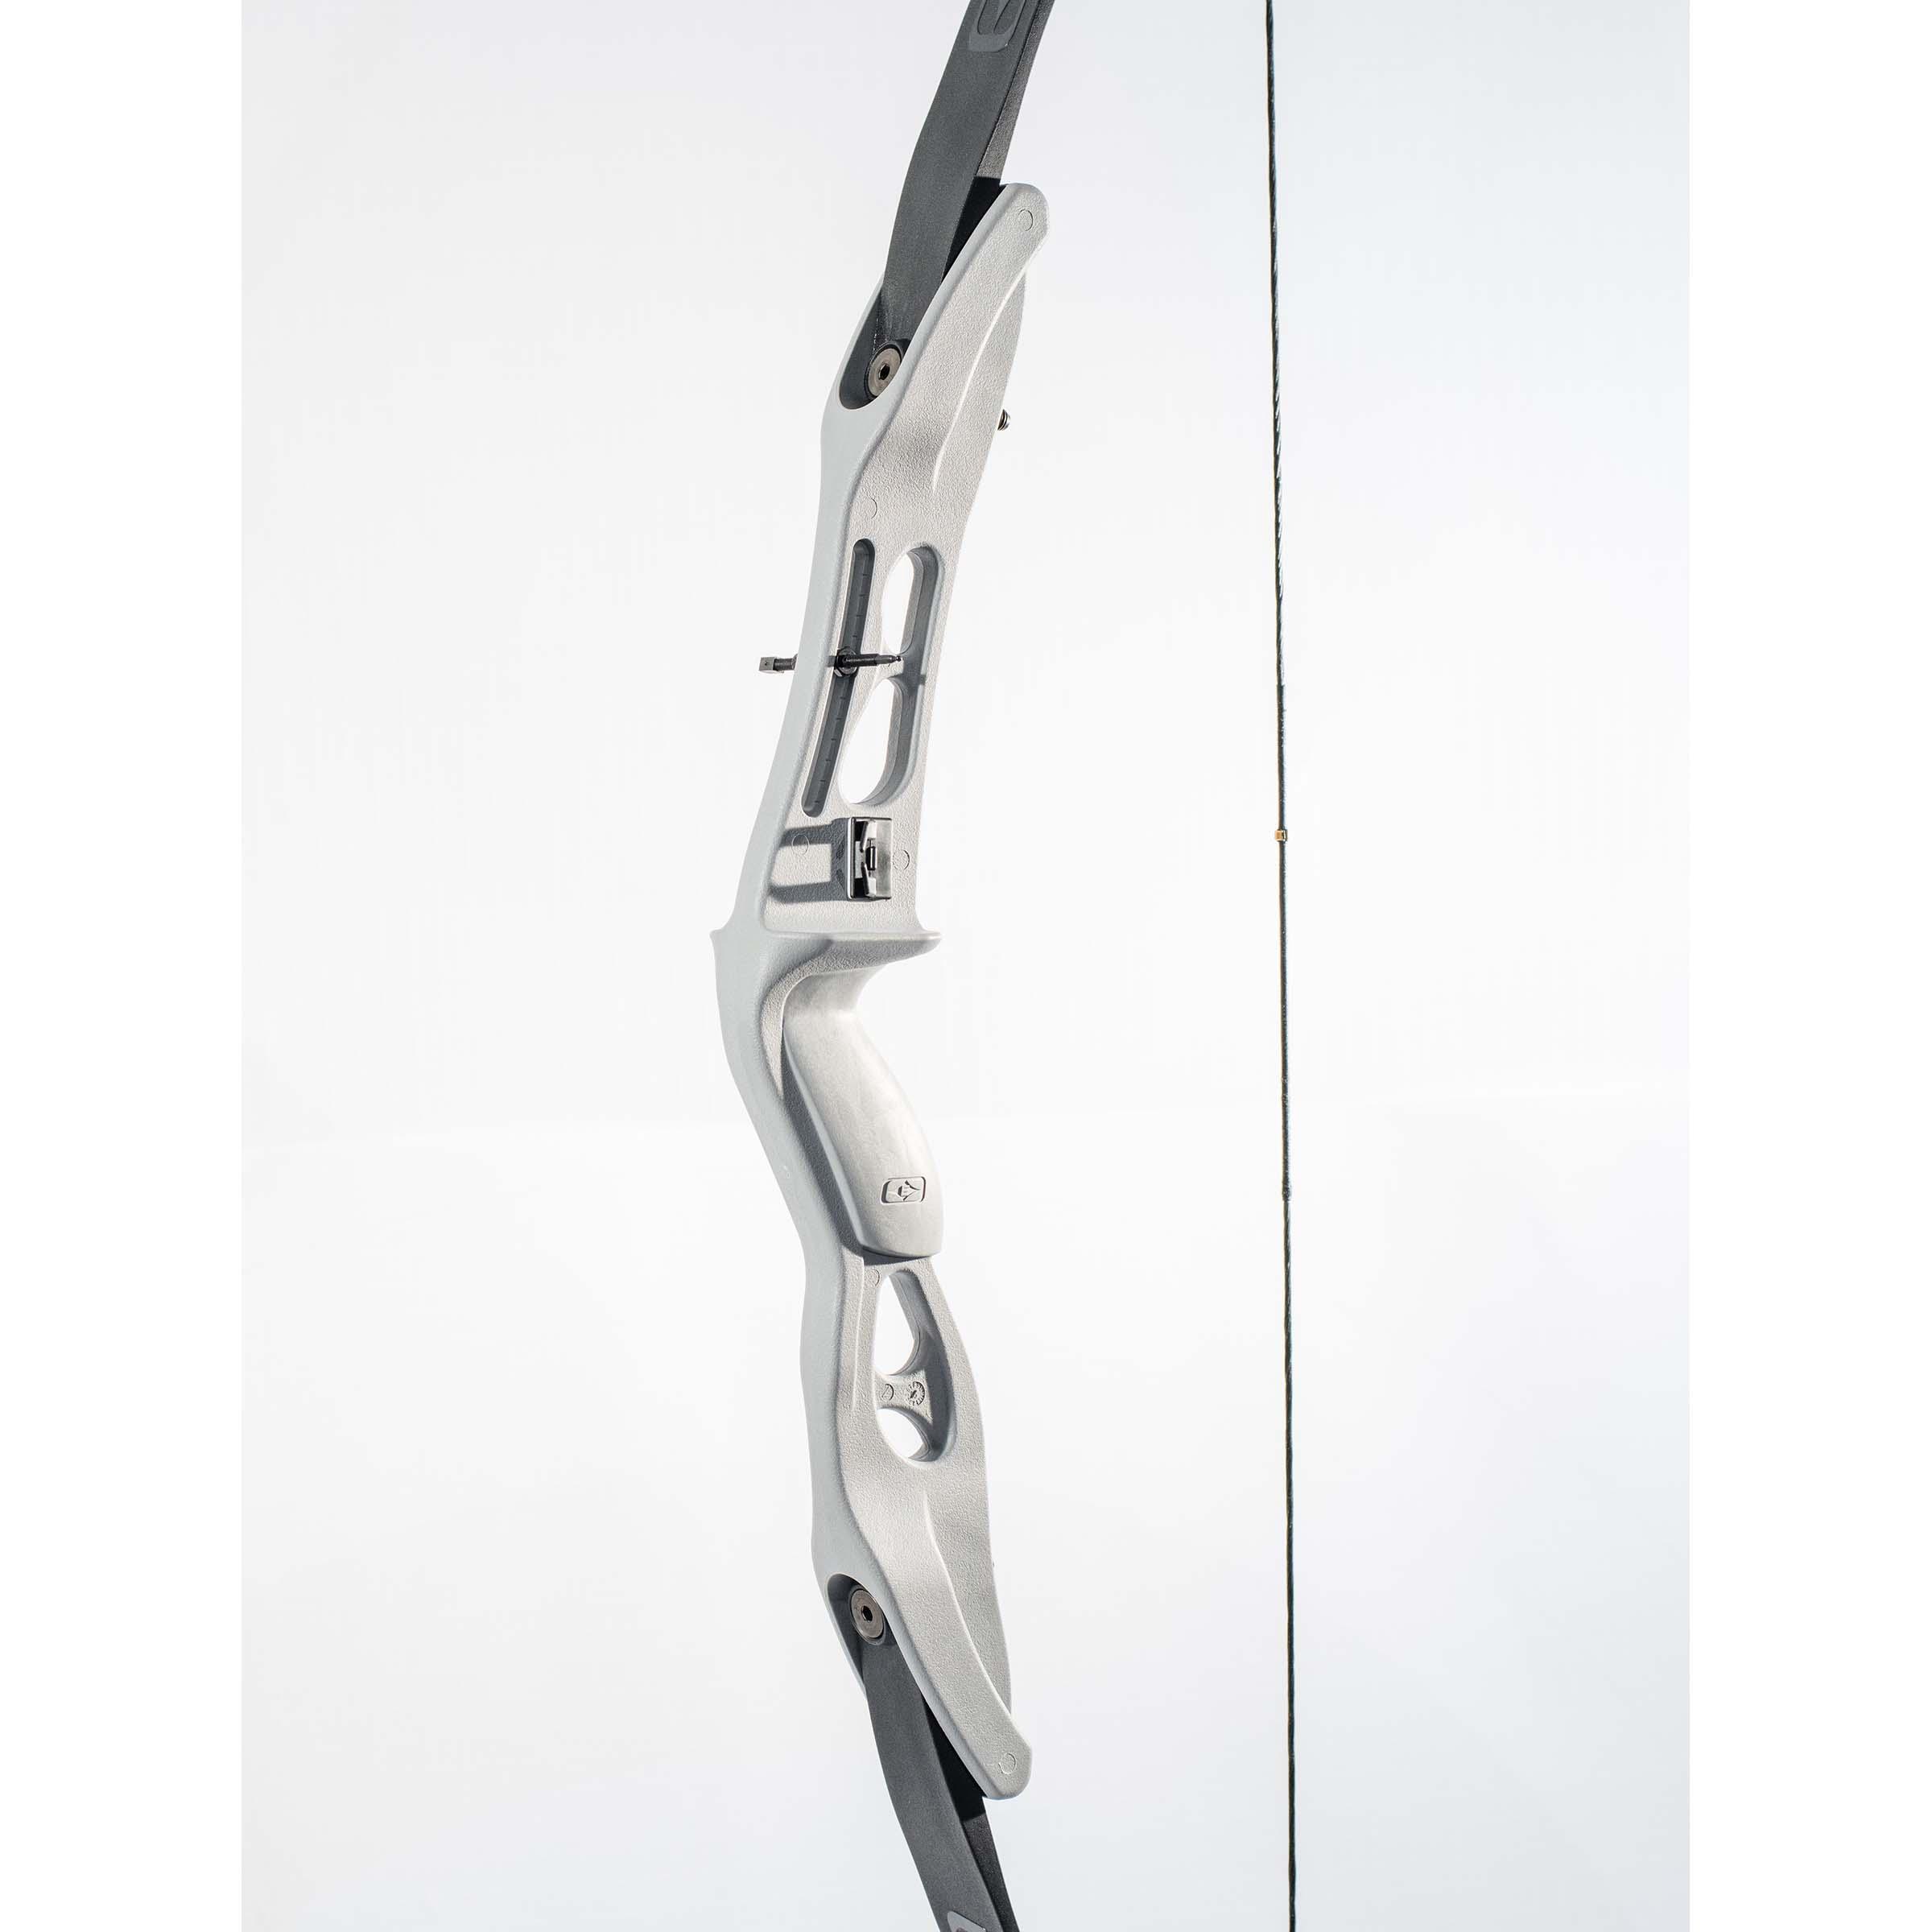 Easton Archery Takedown Polymer Bow